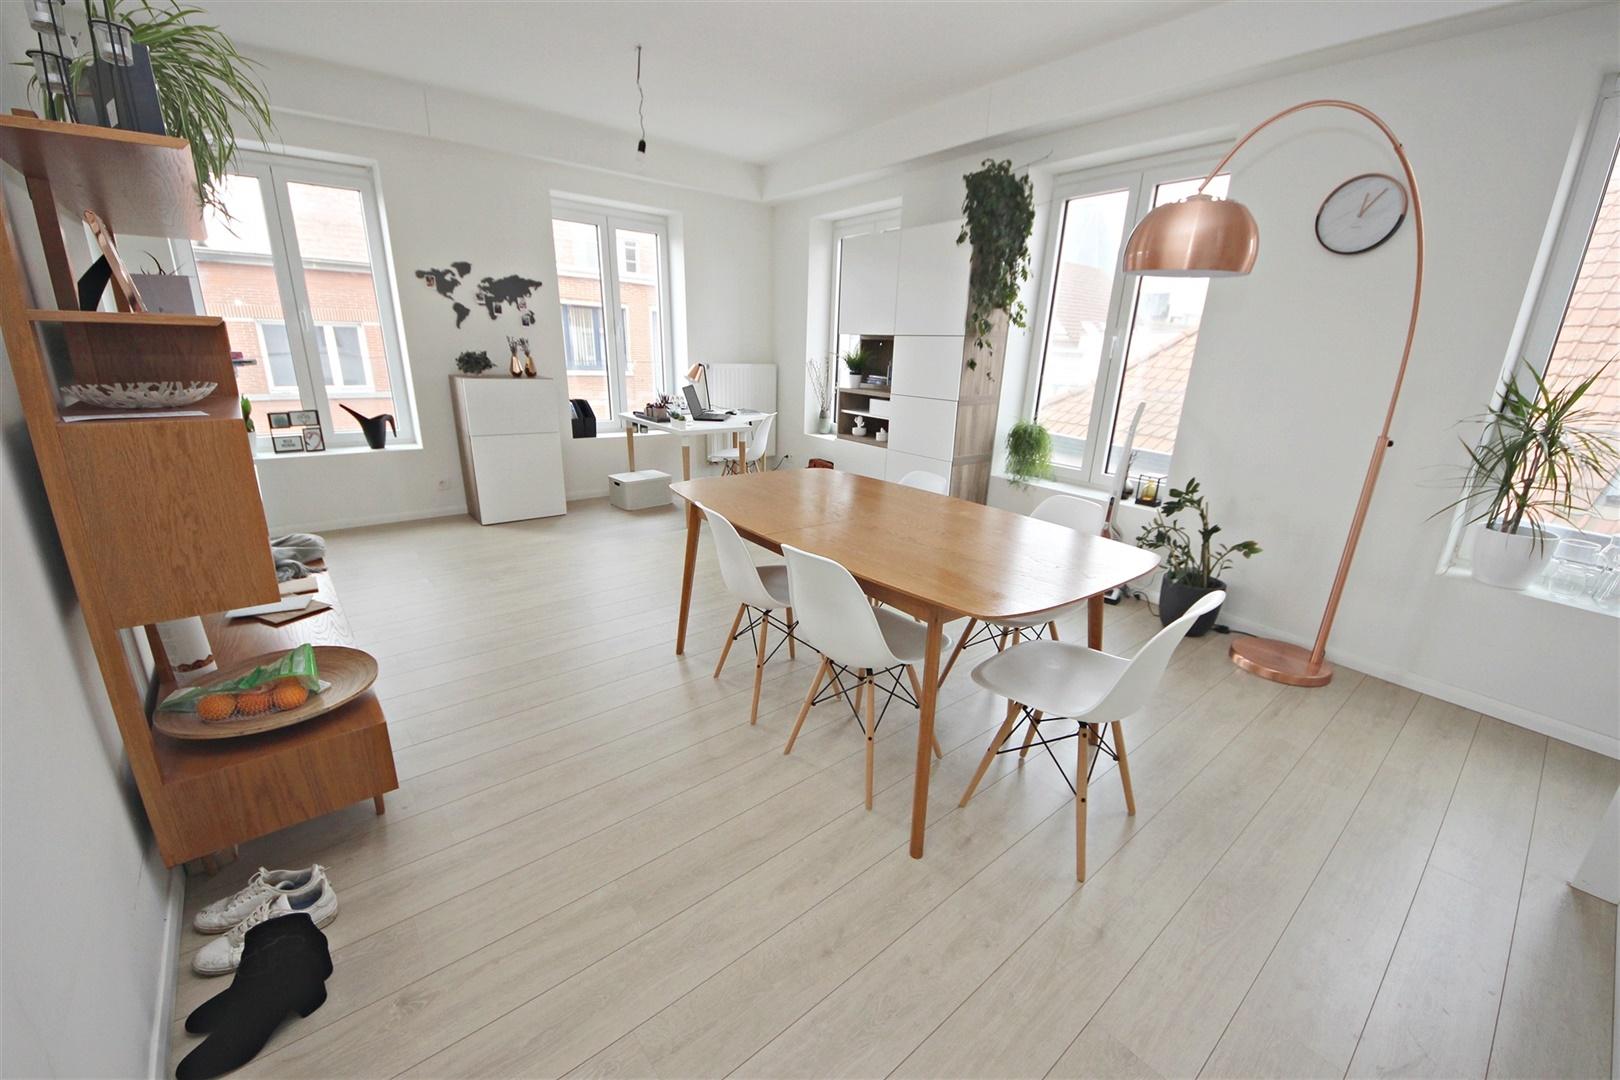 Prachtig gerenoveerd appartement met 2 slaapkamers